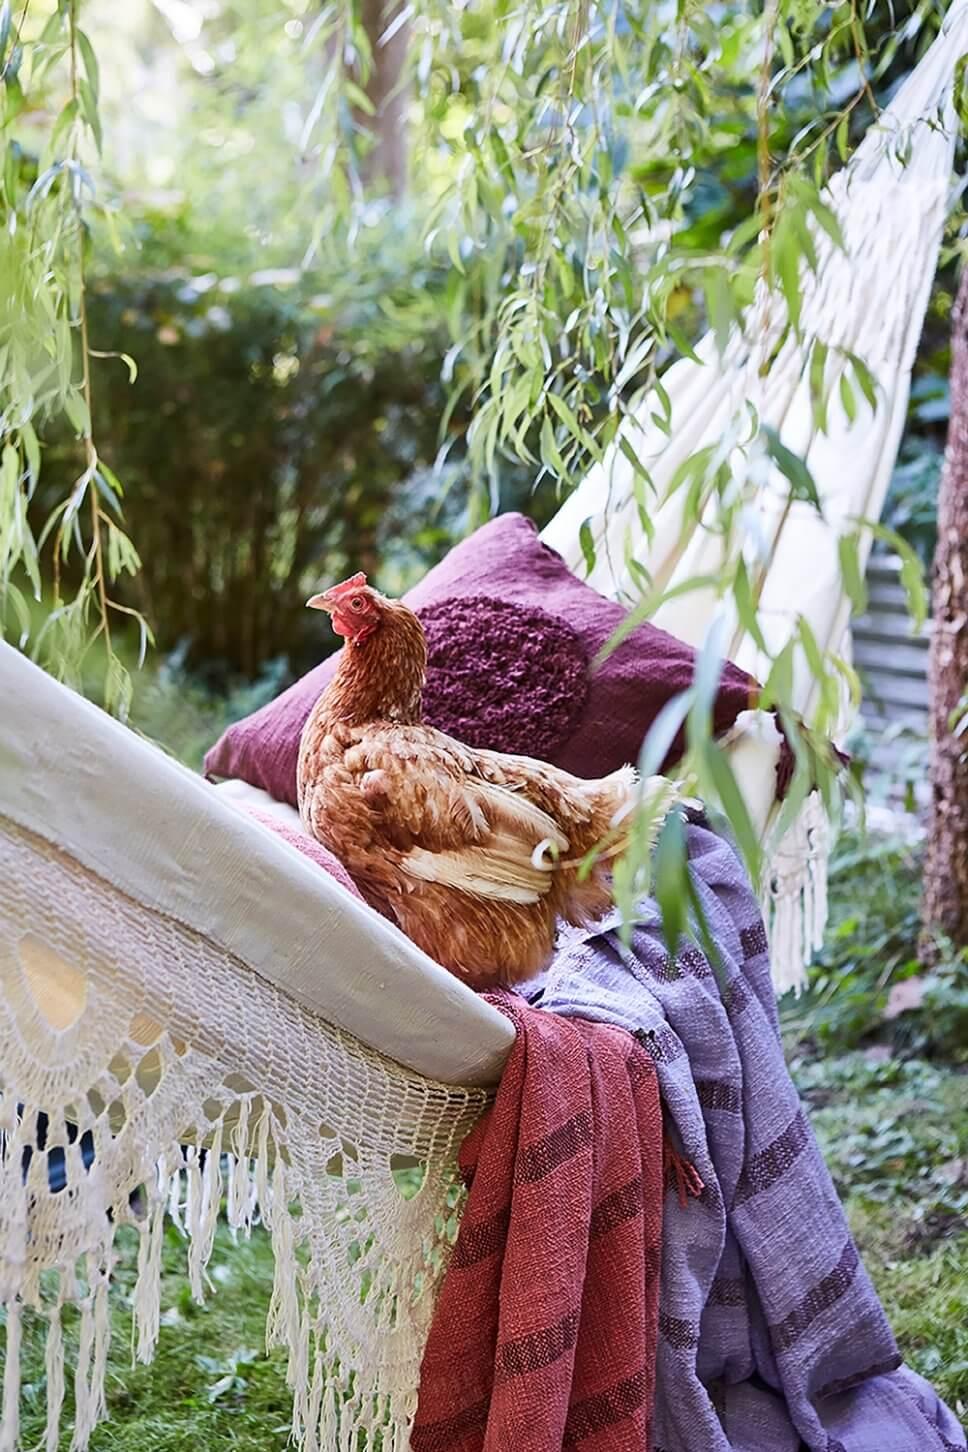 Hängematte mit vielen Kissen und Decken sowie einem Huhn